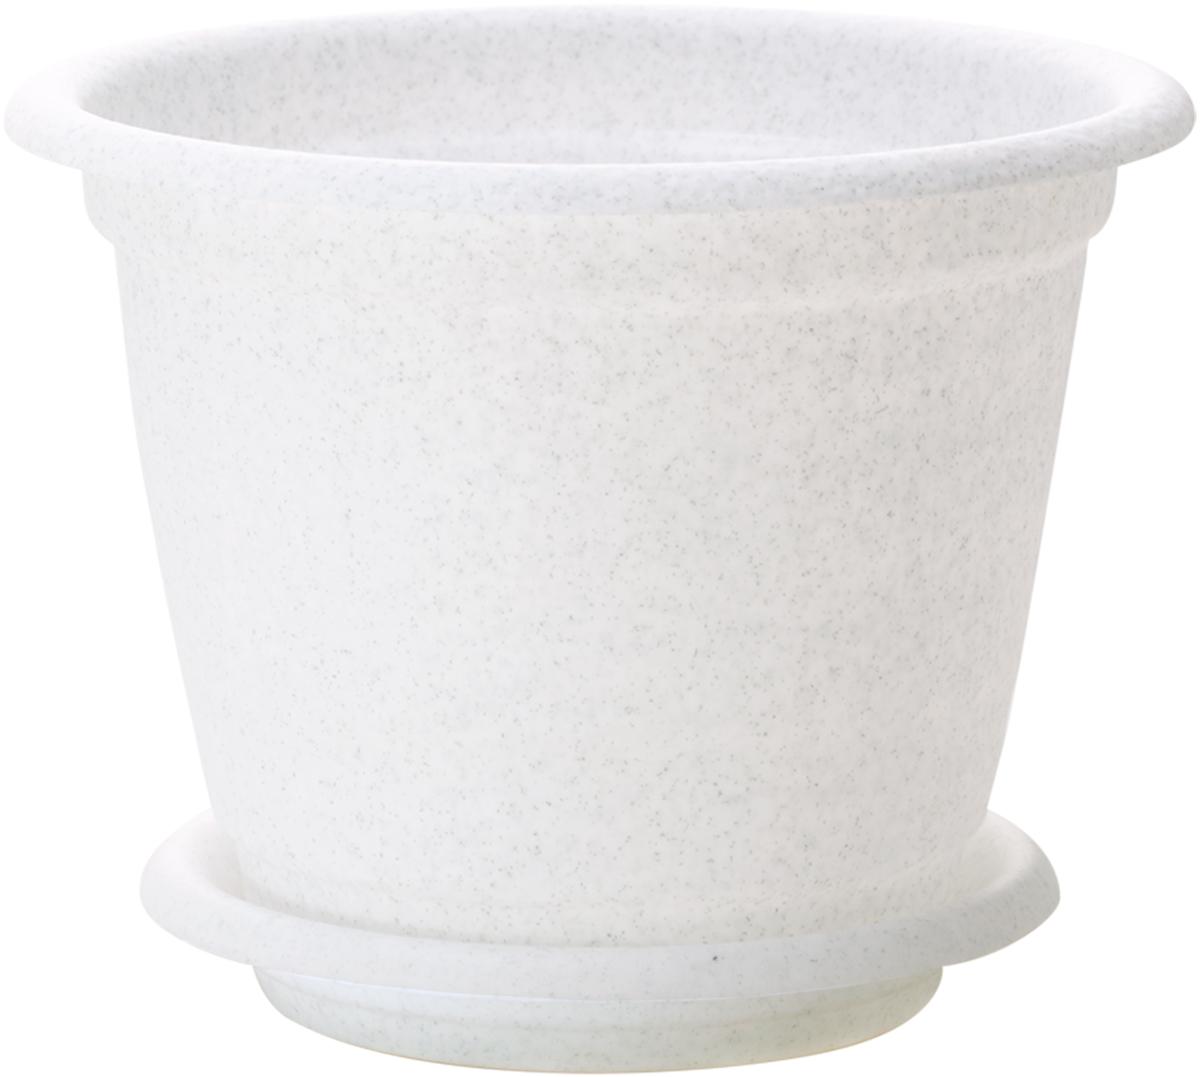 Горшок для цветов InGreen Натура, с поддоном, цвет: мраморный, диаметр 14 смPANTERA SPX-2RSЦветочный горшок с поддоном InGreen Натура, выполненный из высококачественного пластика, сочетает в себе классический дизайн и функциональность. Он станет прекрасным дополнением любого интерьера. Горшок имеет дренажные отверстия, что способствует выведению лишней влаги из почвы и предотвращает гниение корневой системы растения. Благодаря специальной крепежной системе поддон прочно крепится к горшку, что обеспечивает удобство эксплуатации изделия. Между стенкой горшка и поддоном есть зазор, который позволяет испаряться лишней влаге и дает возможность прикорневого полива растения. Горшок InGreen Натура предназначен для выращивания многолетних и однолетних растений.